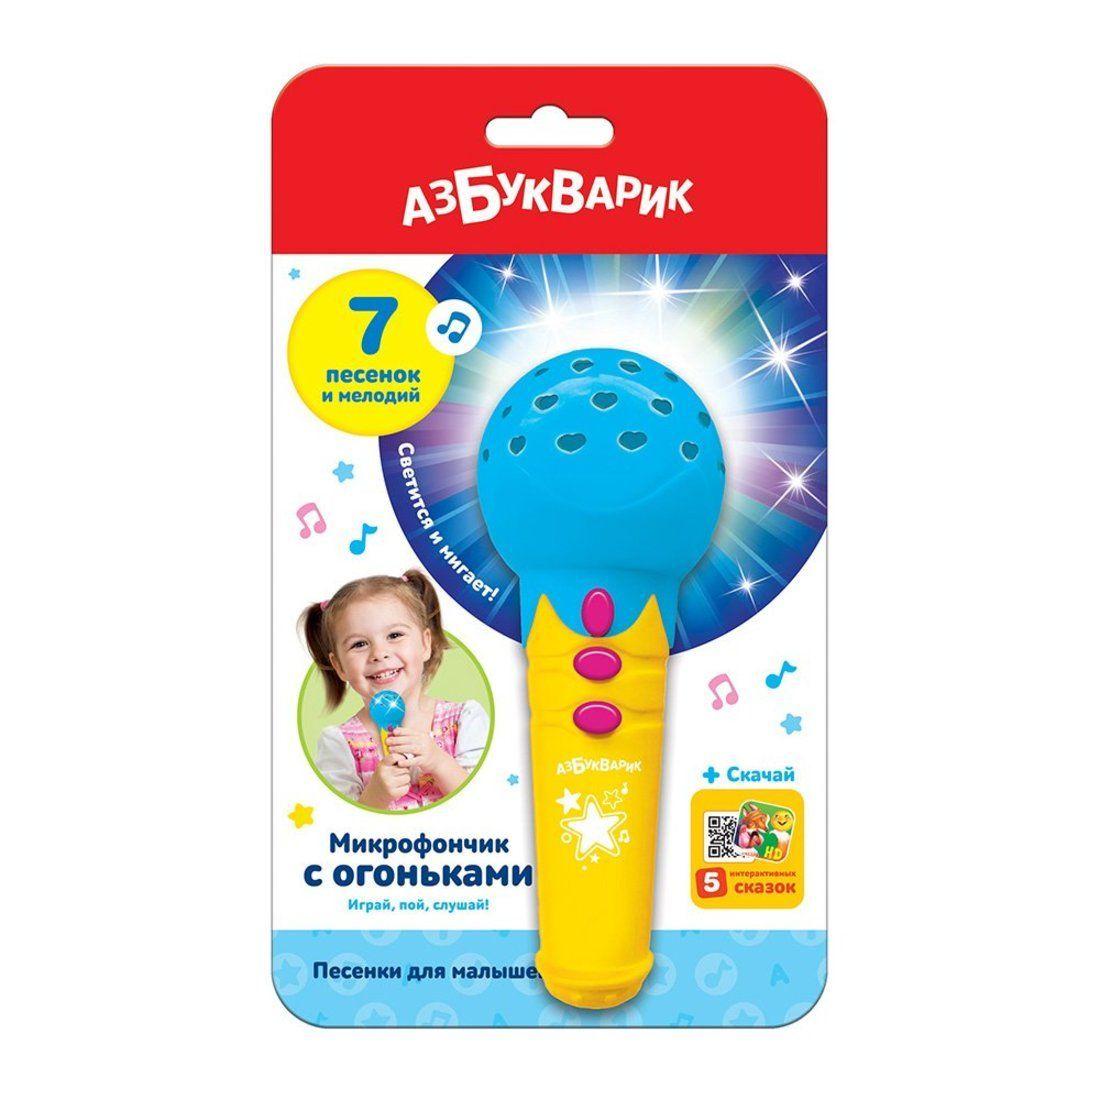 Микрофон Песенки для малышей с огоньками